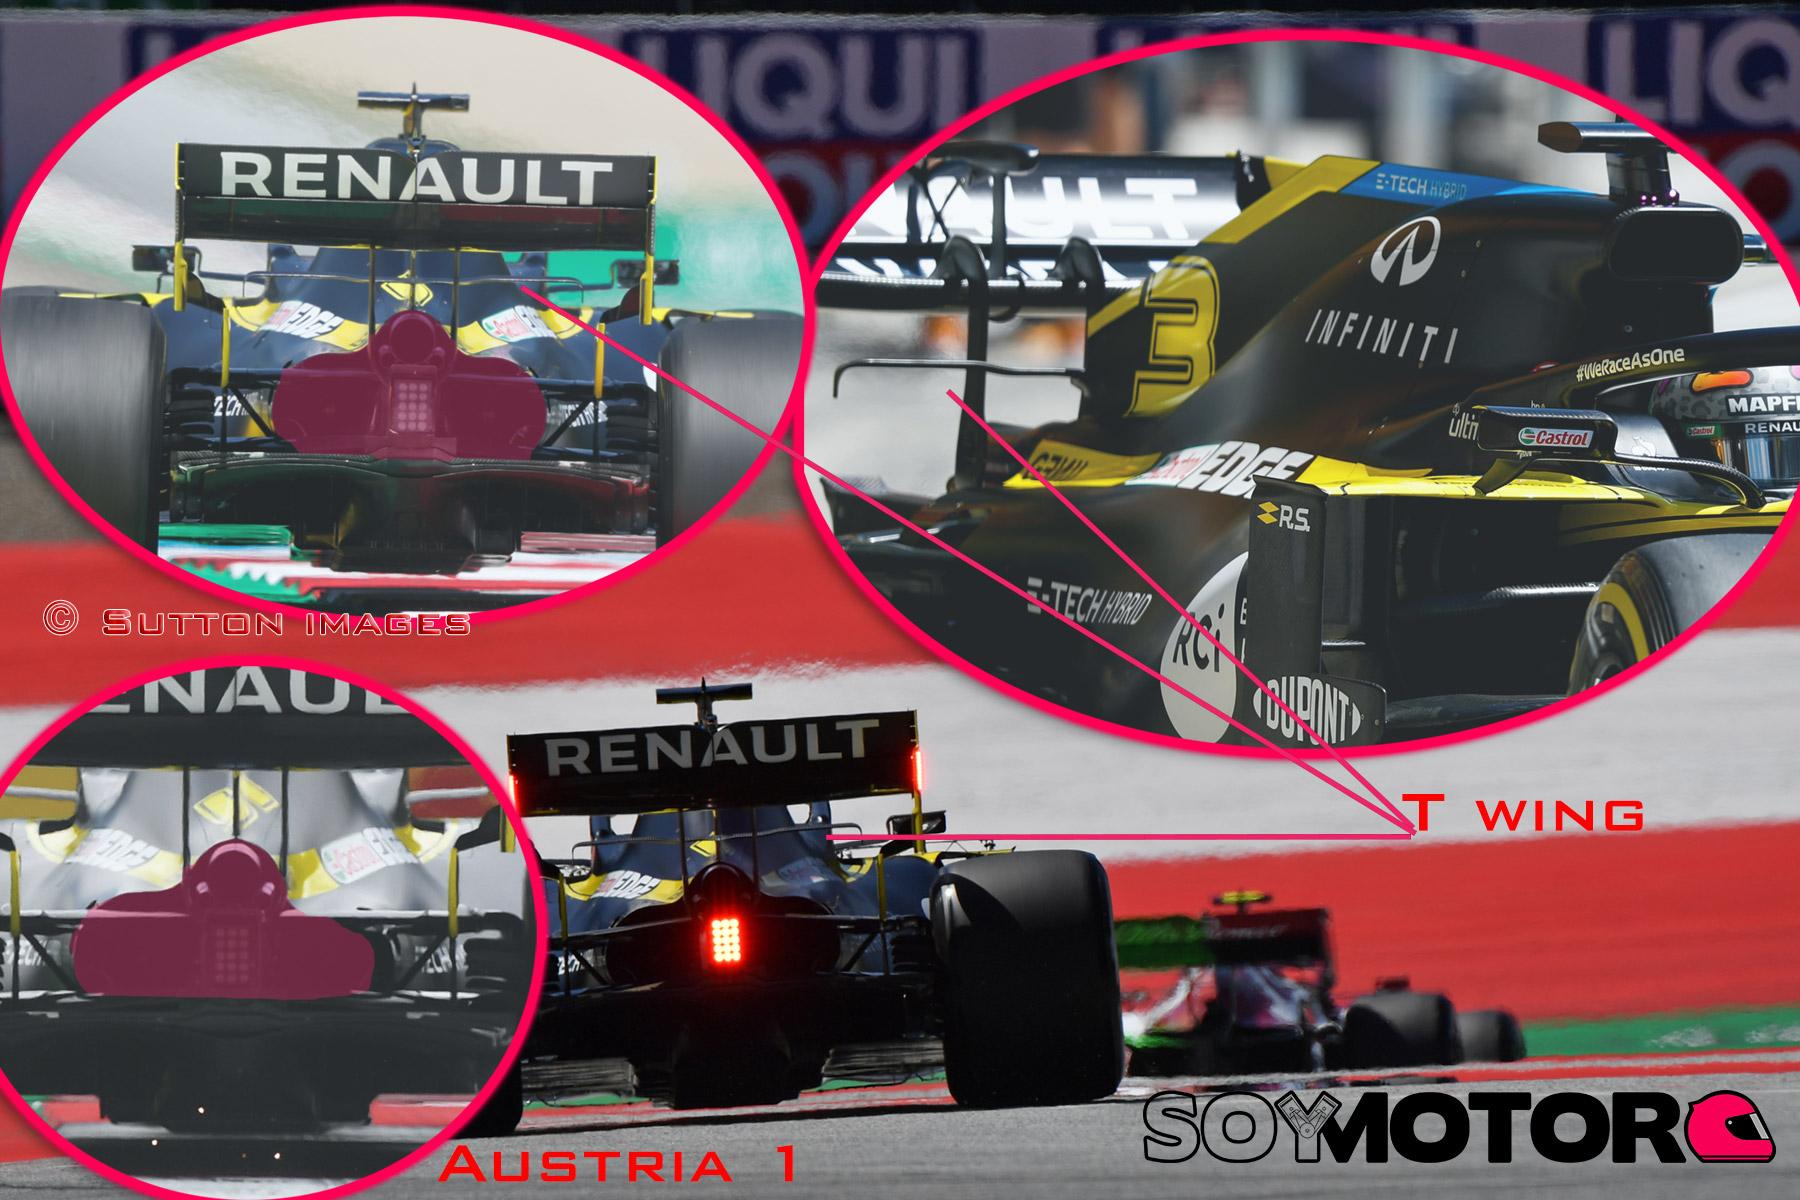 renault-t-wing-y-salida-posterior.jpg